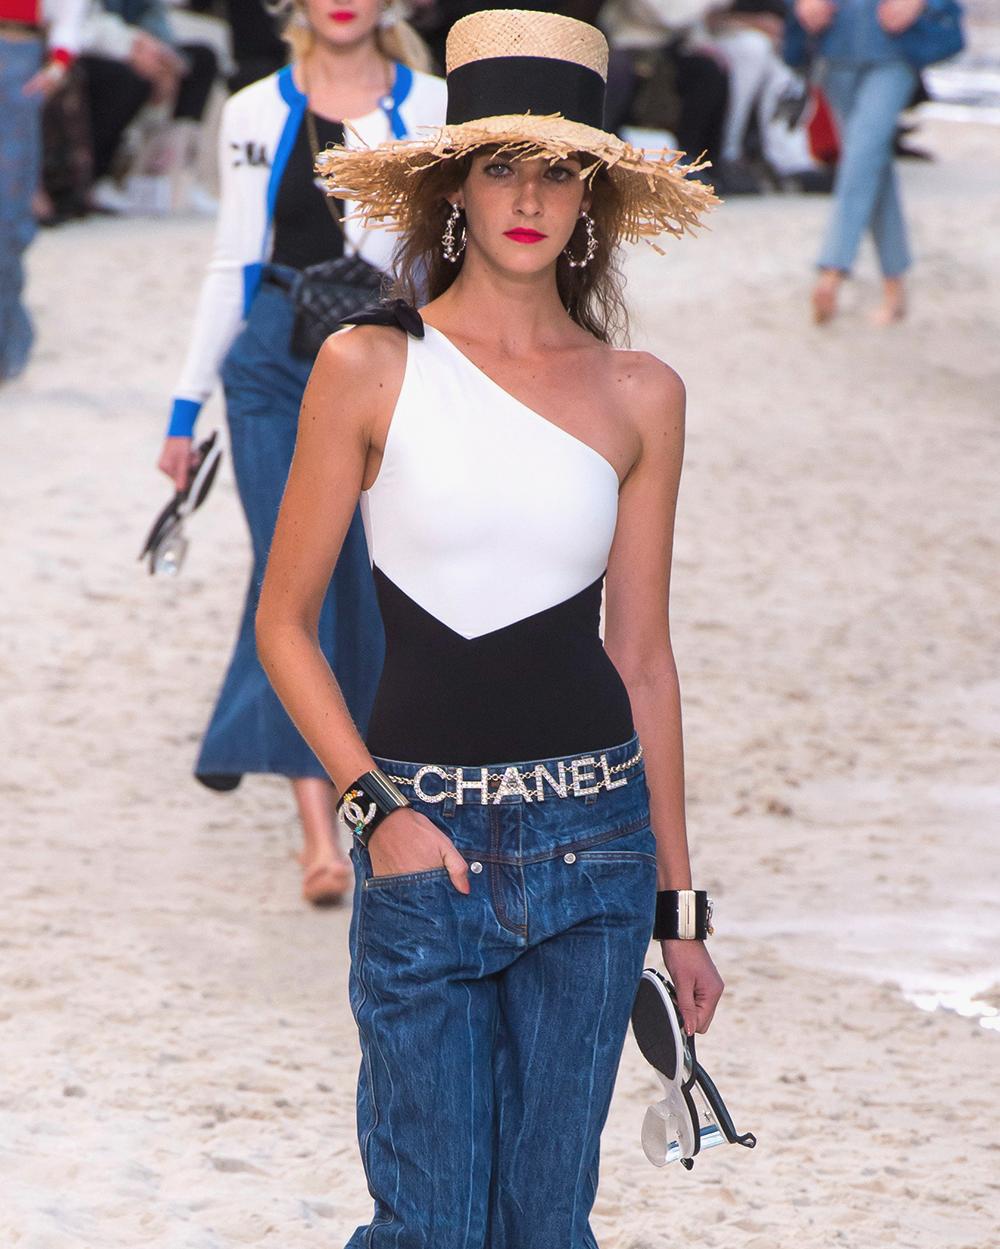 Купальник на одно плечо в коллекции Chanel Spring/Summer 2019